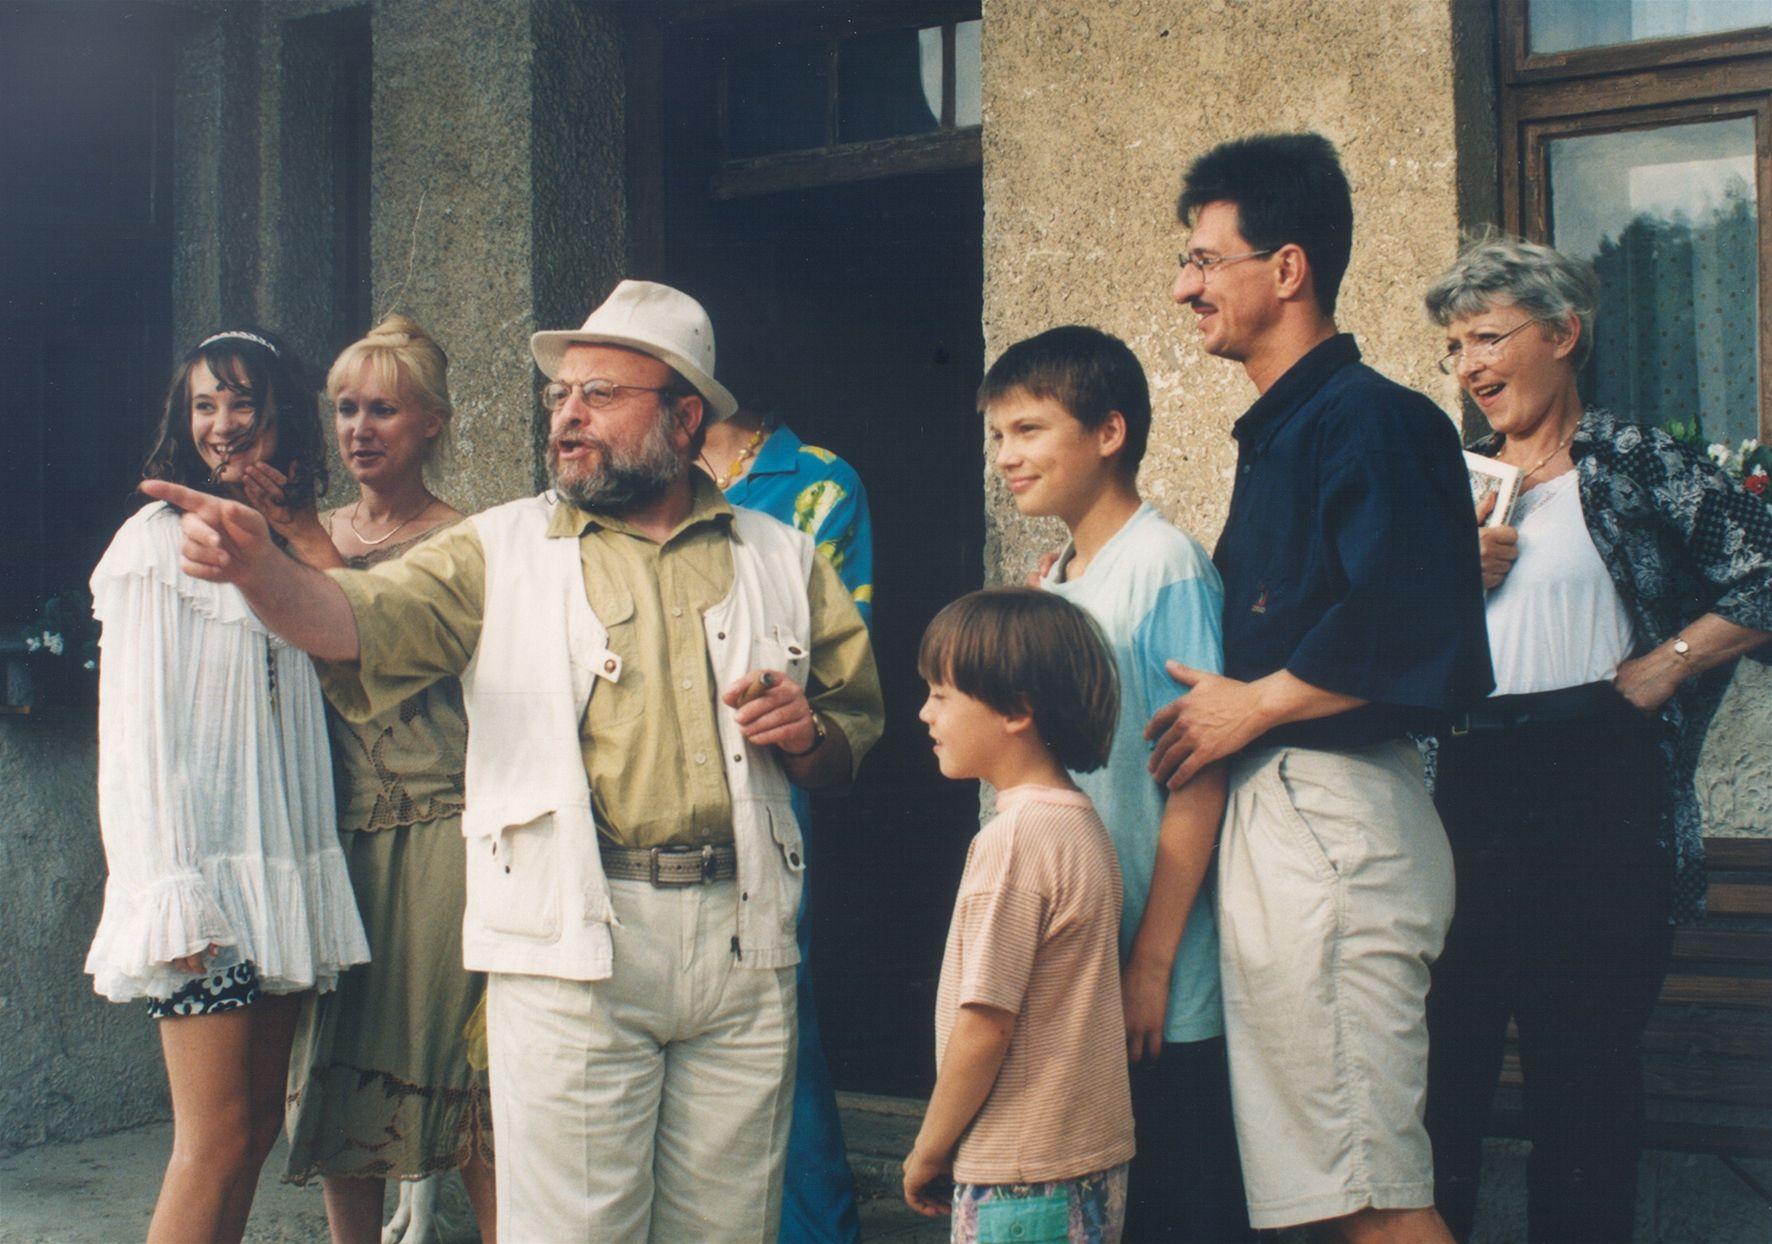 Arnost Goldflam, Miro Noga, Ivana Skarková, Milena Steinmasslová, Jana Stepánková, Marián Beník, and Pavel Zednícek in Ranc U Zelené sedmy (1996)